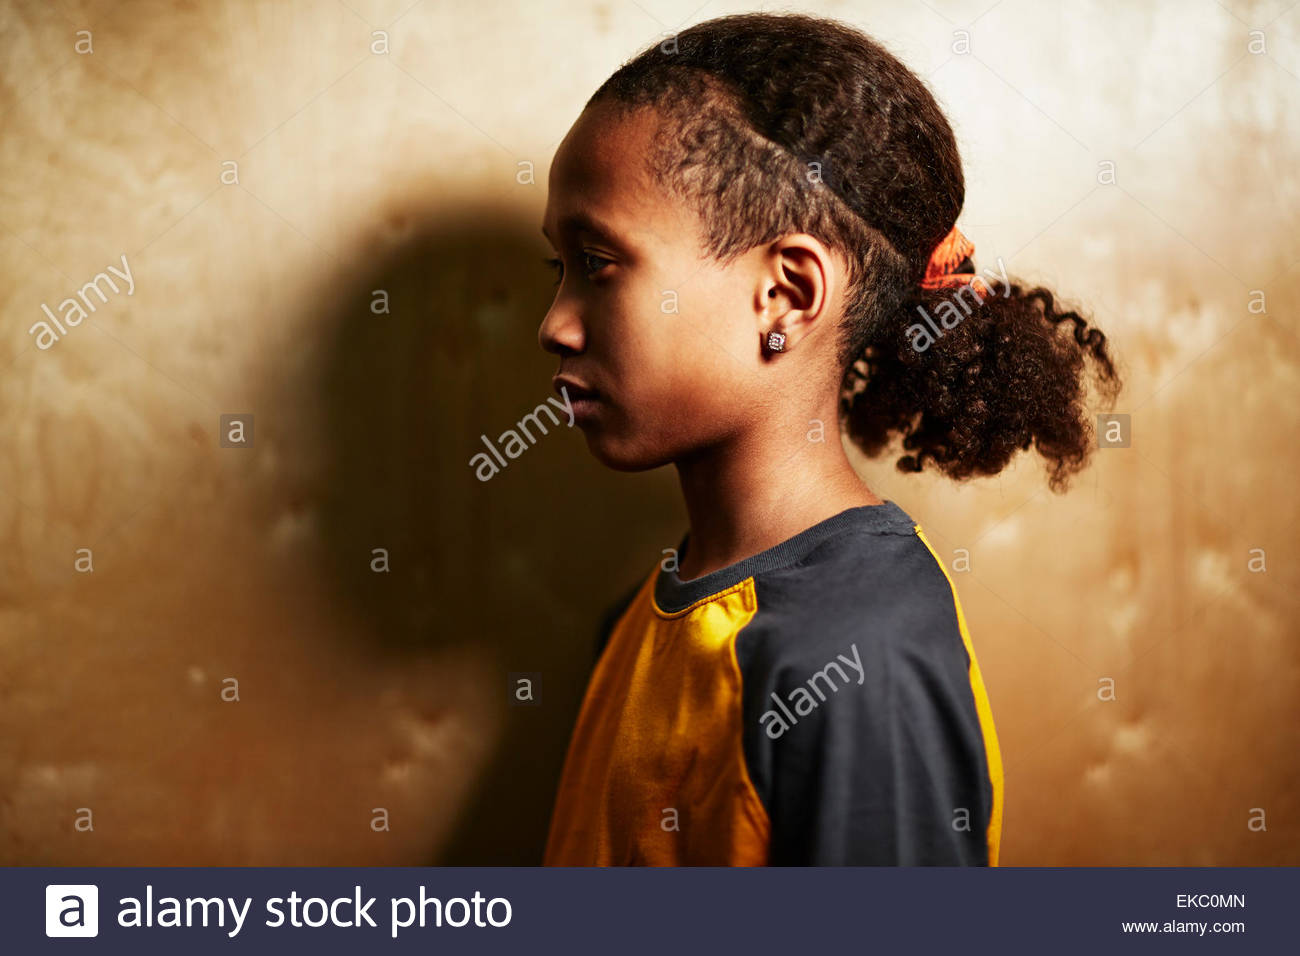 Junge mit Pferdeschwanz, Seitenansicht Stockbild